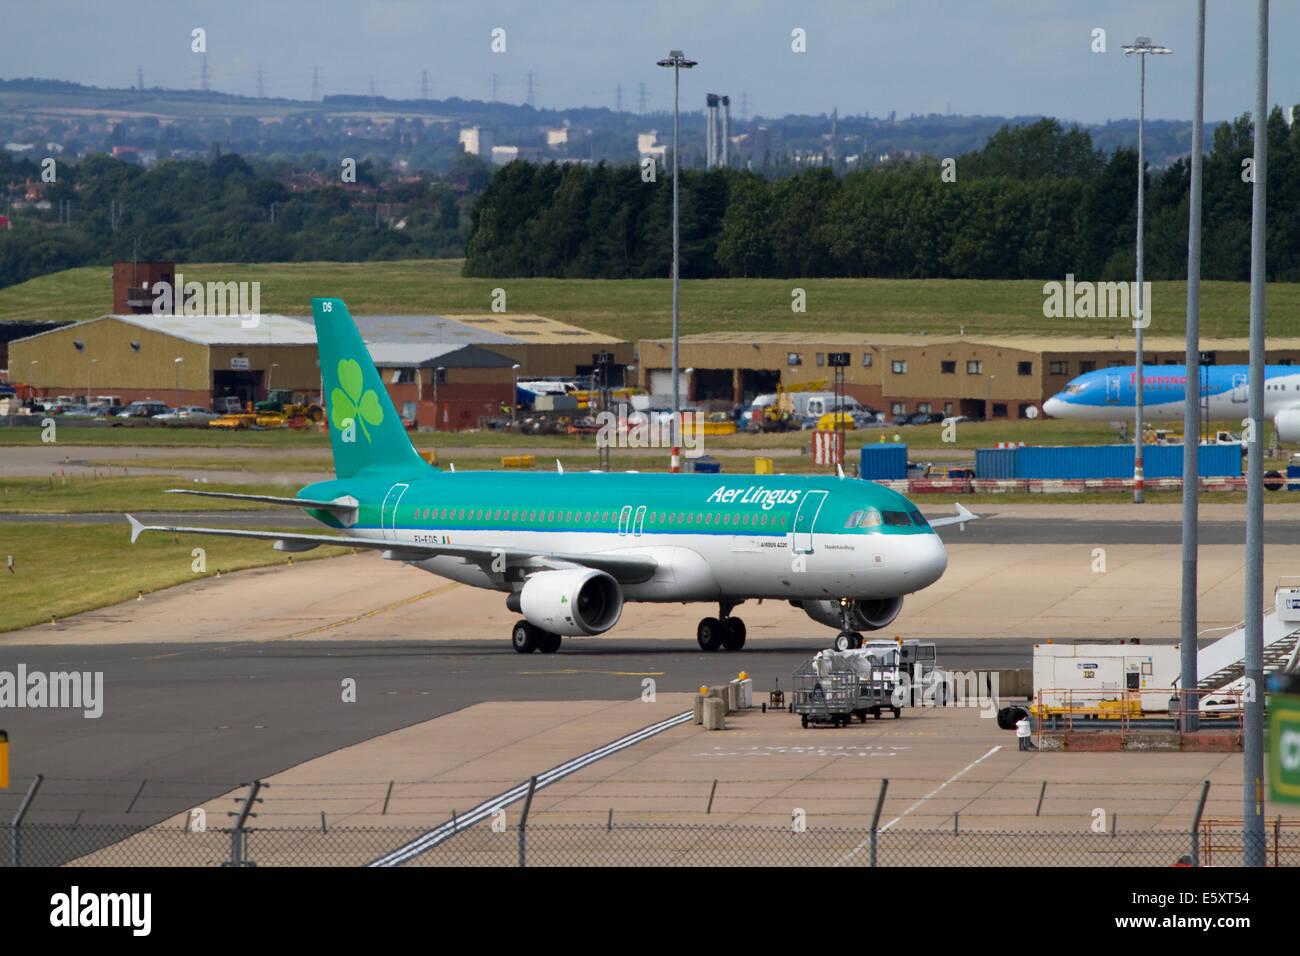 Avion Aer Lingus le roulage. L'aéroport de Birmingham Photo Stock